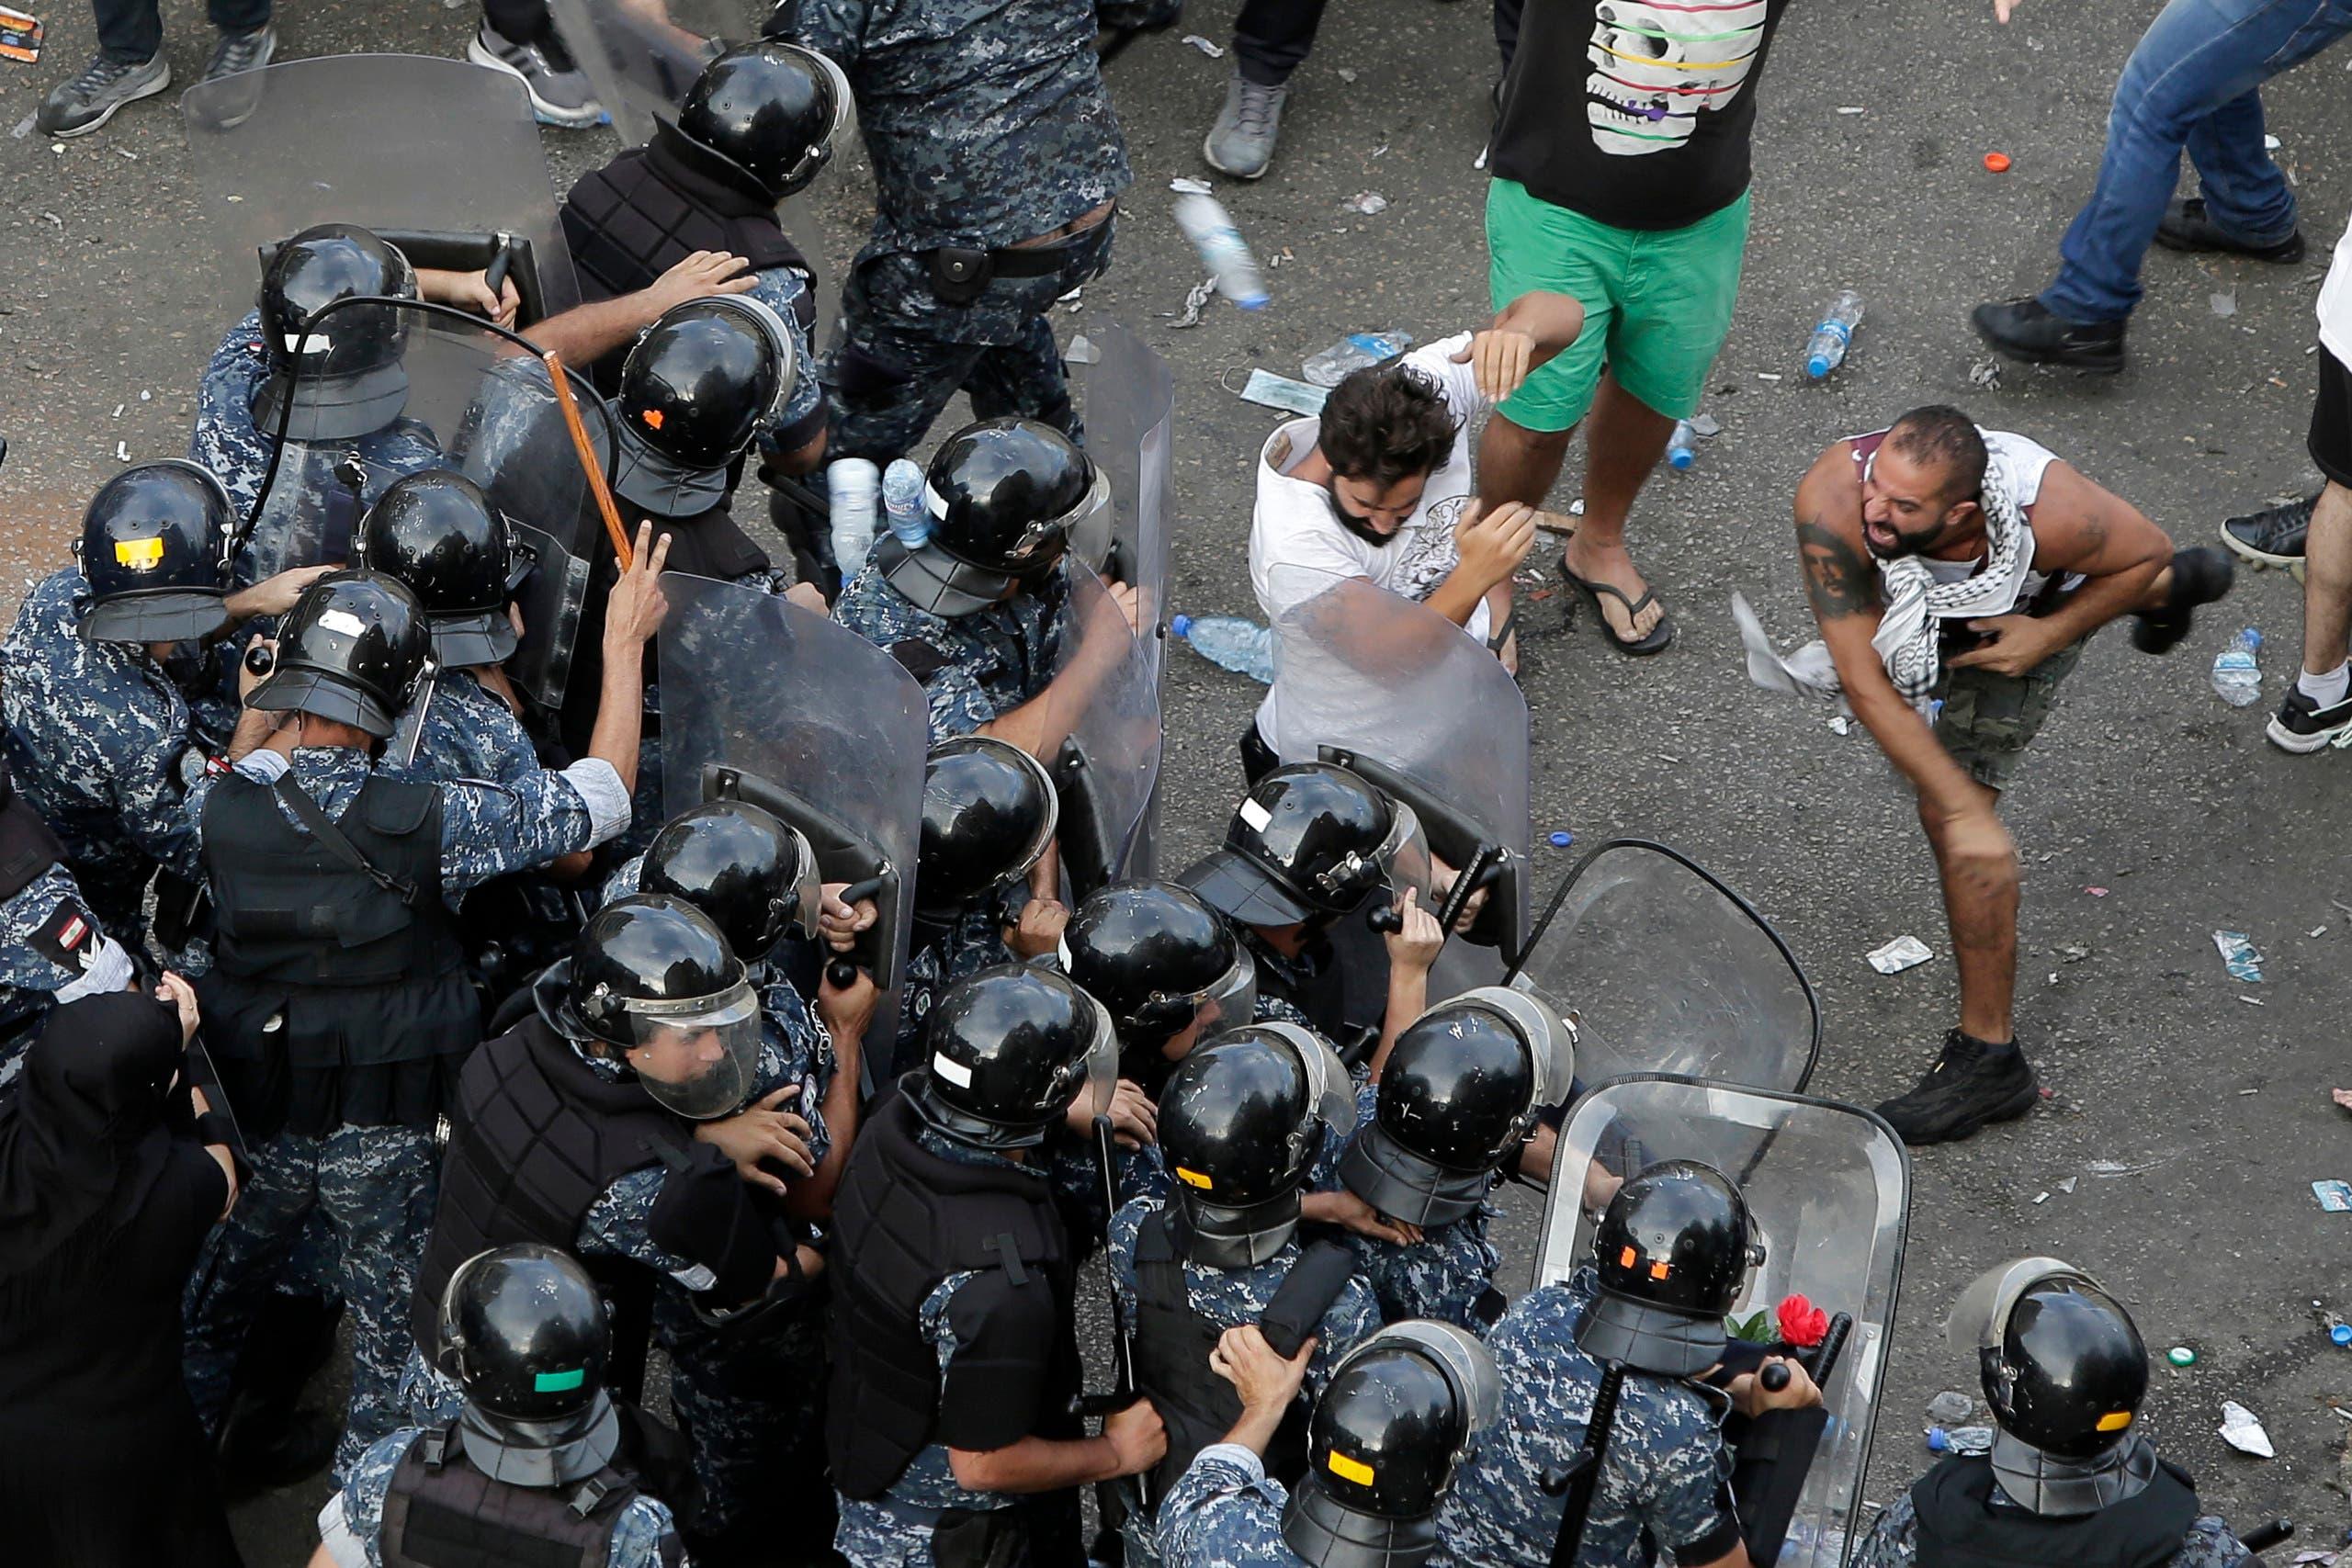 مظاهرات لبنان 18 أكتوبر، اسوشيتد برس